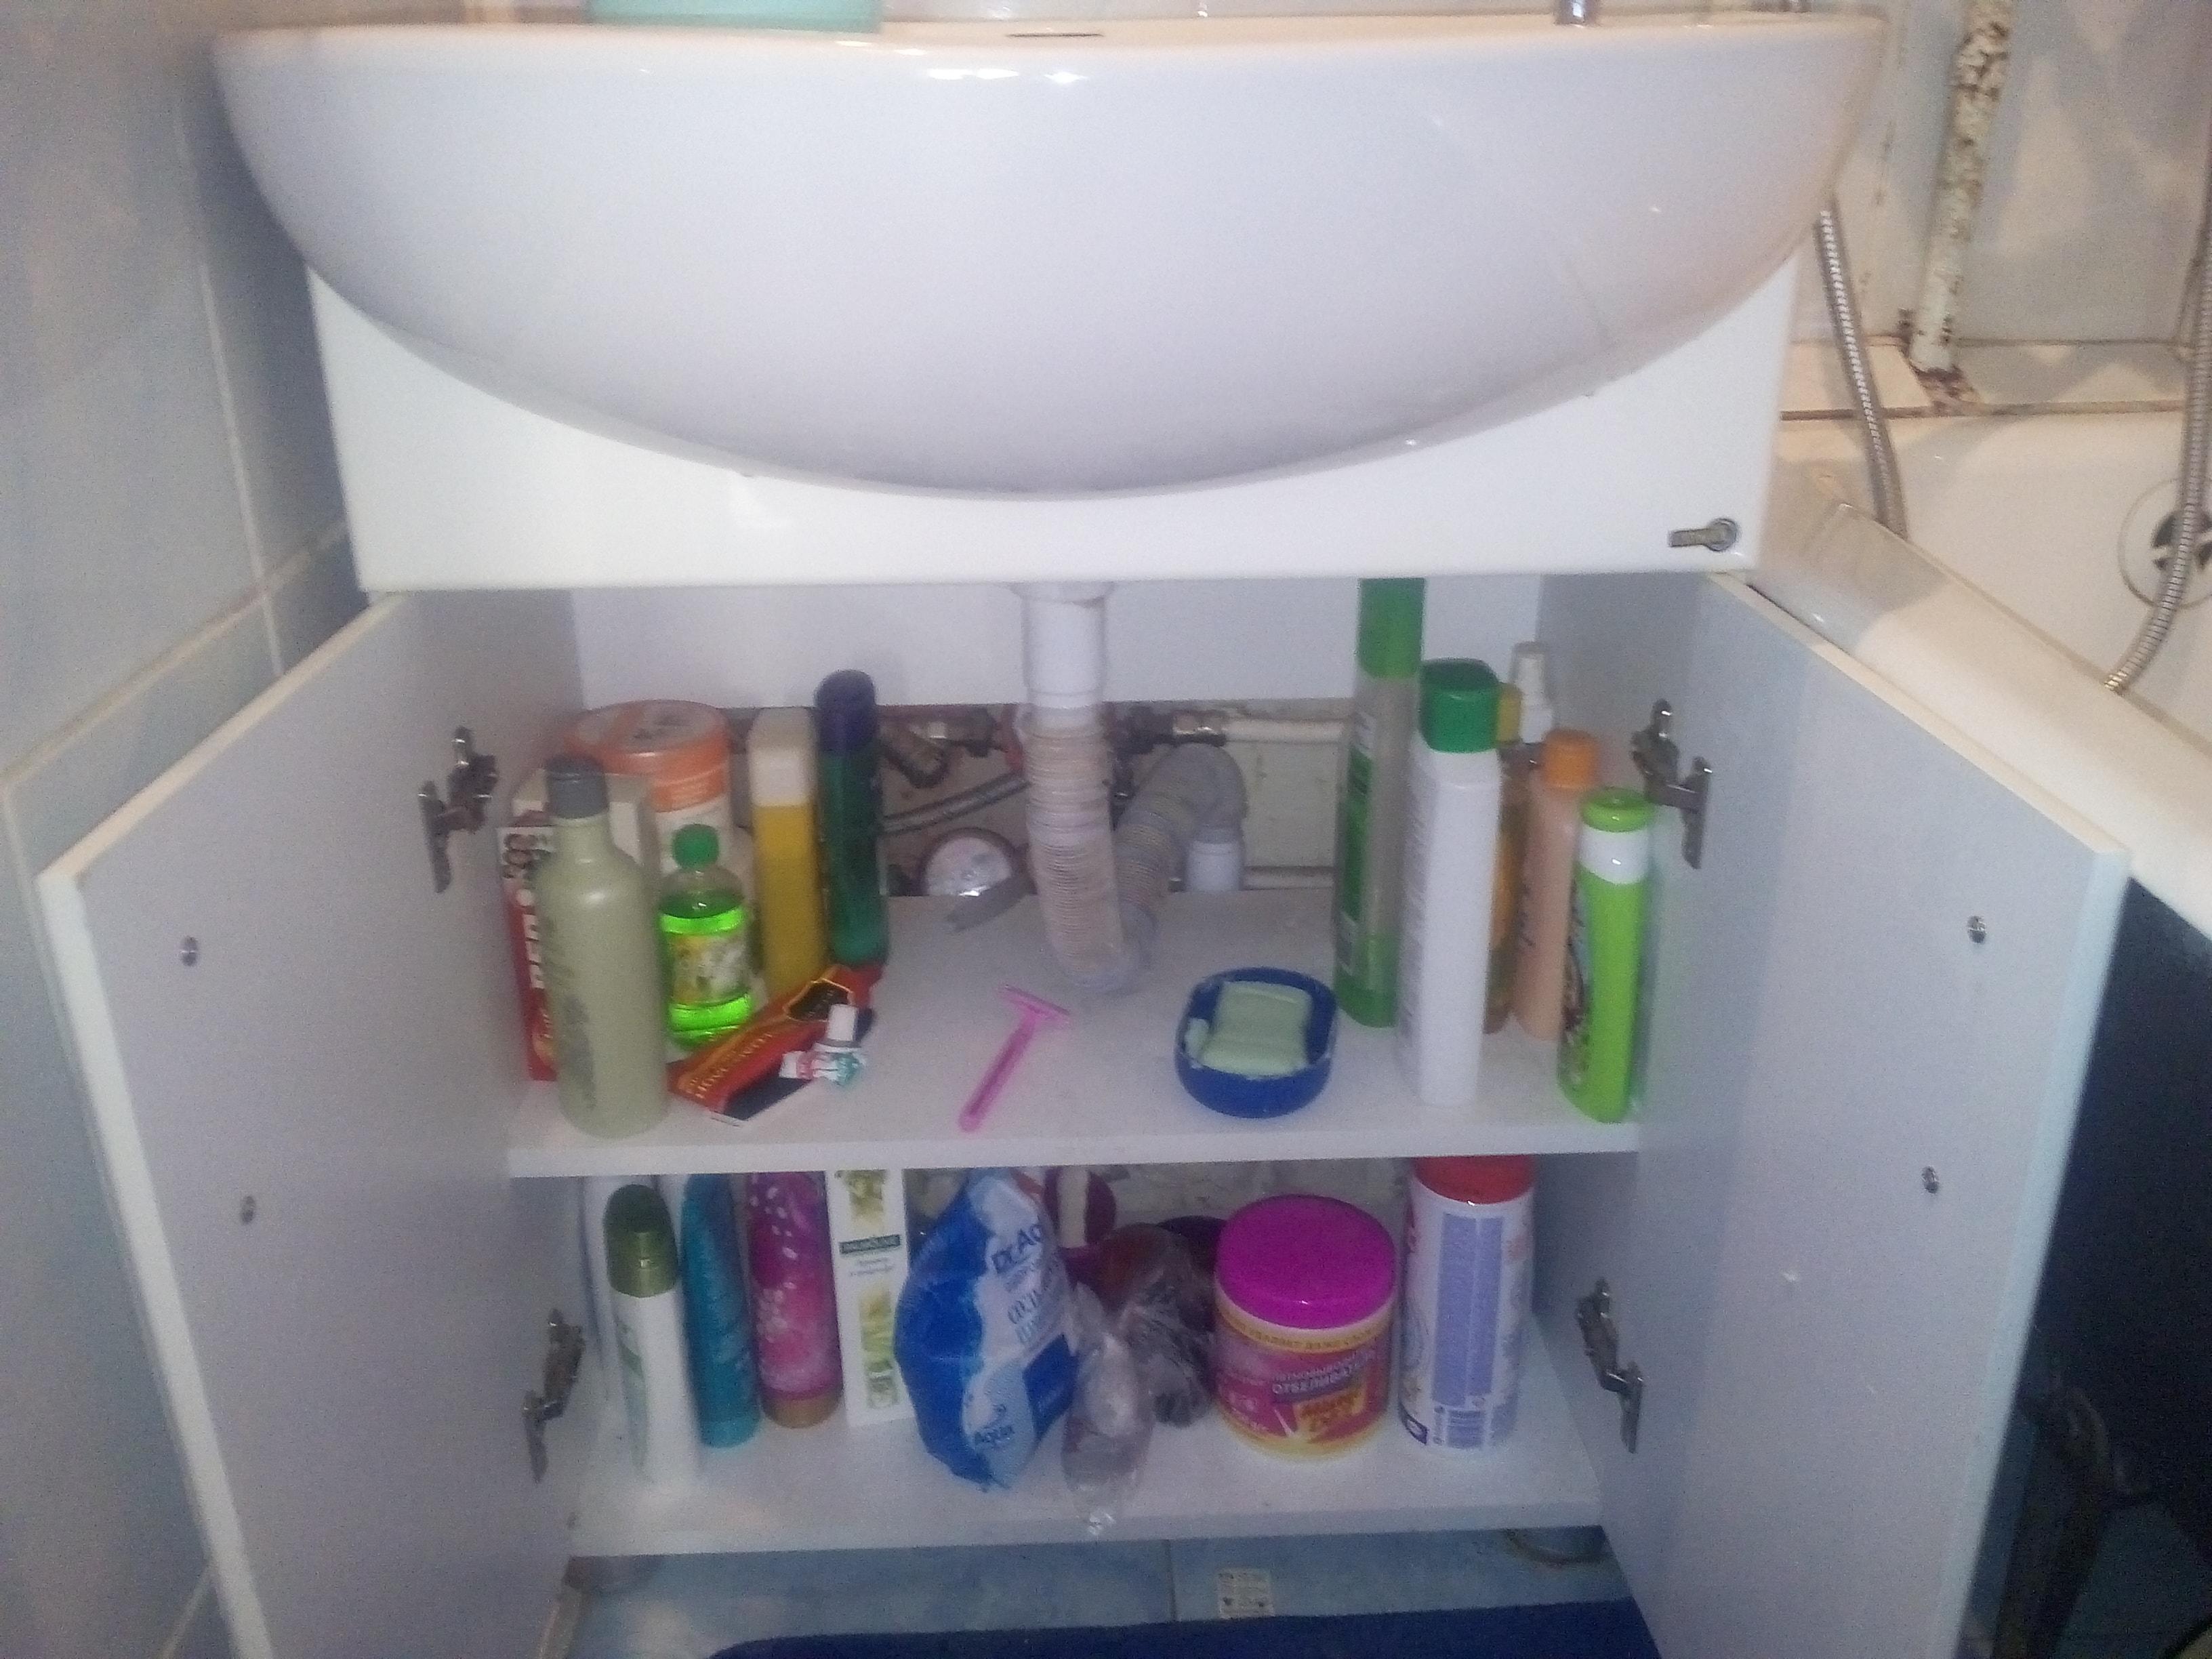 Туалетные принадлежности и бытовая химия в тумбе раковины